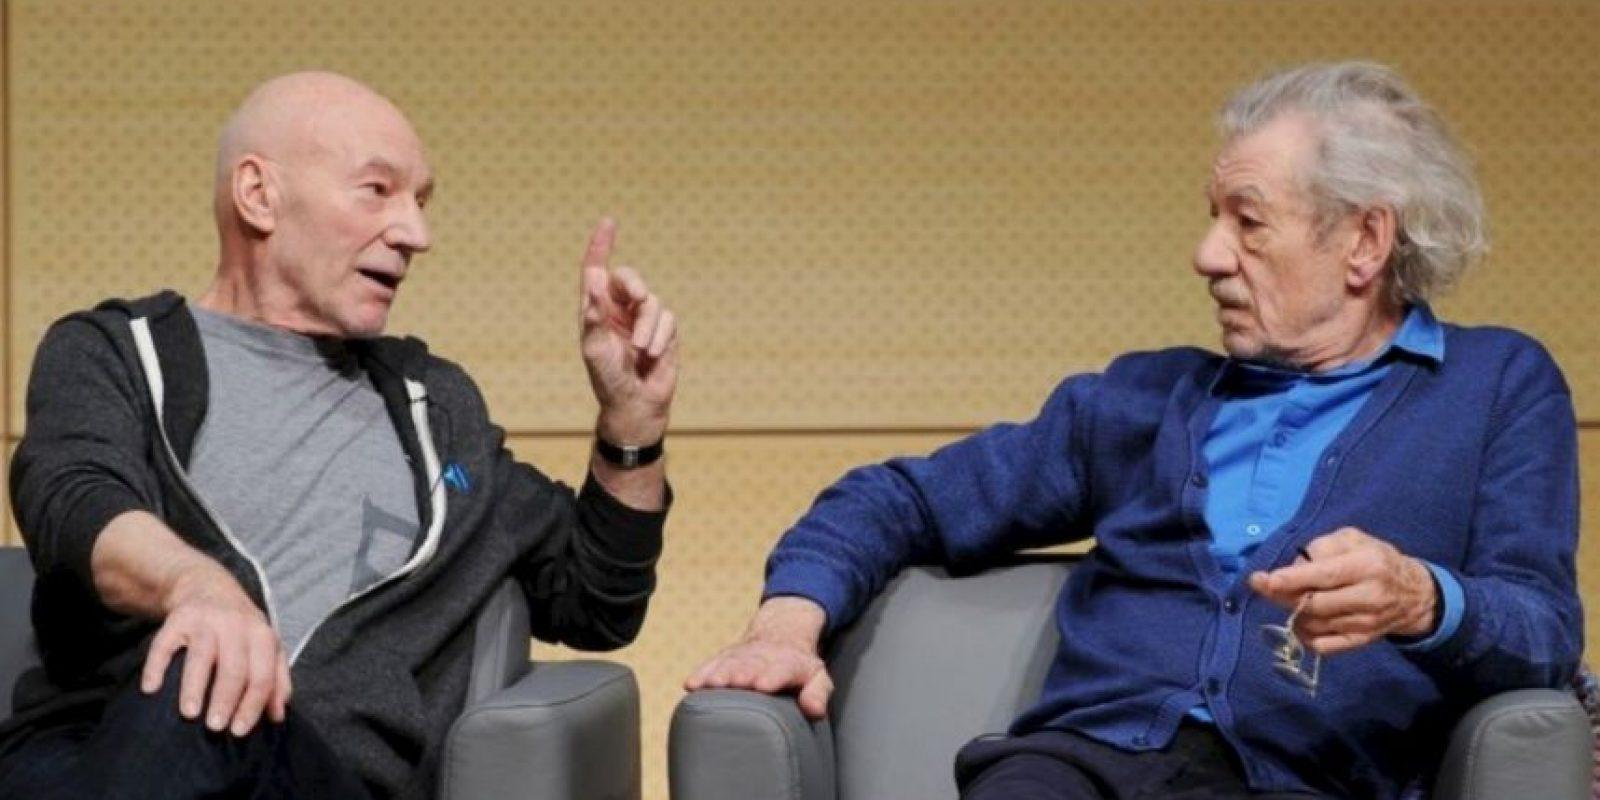 """Patrick Stewart e Ian McKellen. Los actores confesaron haber visto al fantasma de John Baldwin Buckstone, un famoso dramaturgo de mediados del siglo XIX, mientras interpretaban la obra """"Waiting for Godot"""" en el teatro Royal Haymarket. Foto:Getty Images"""